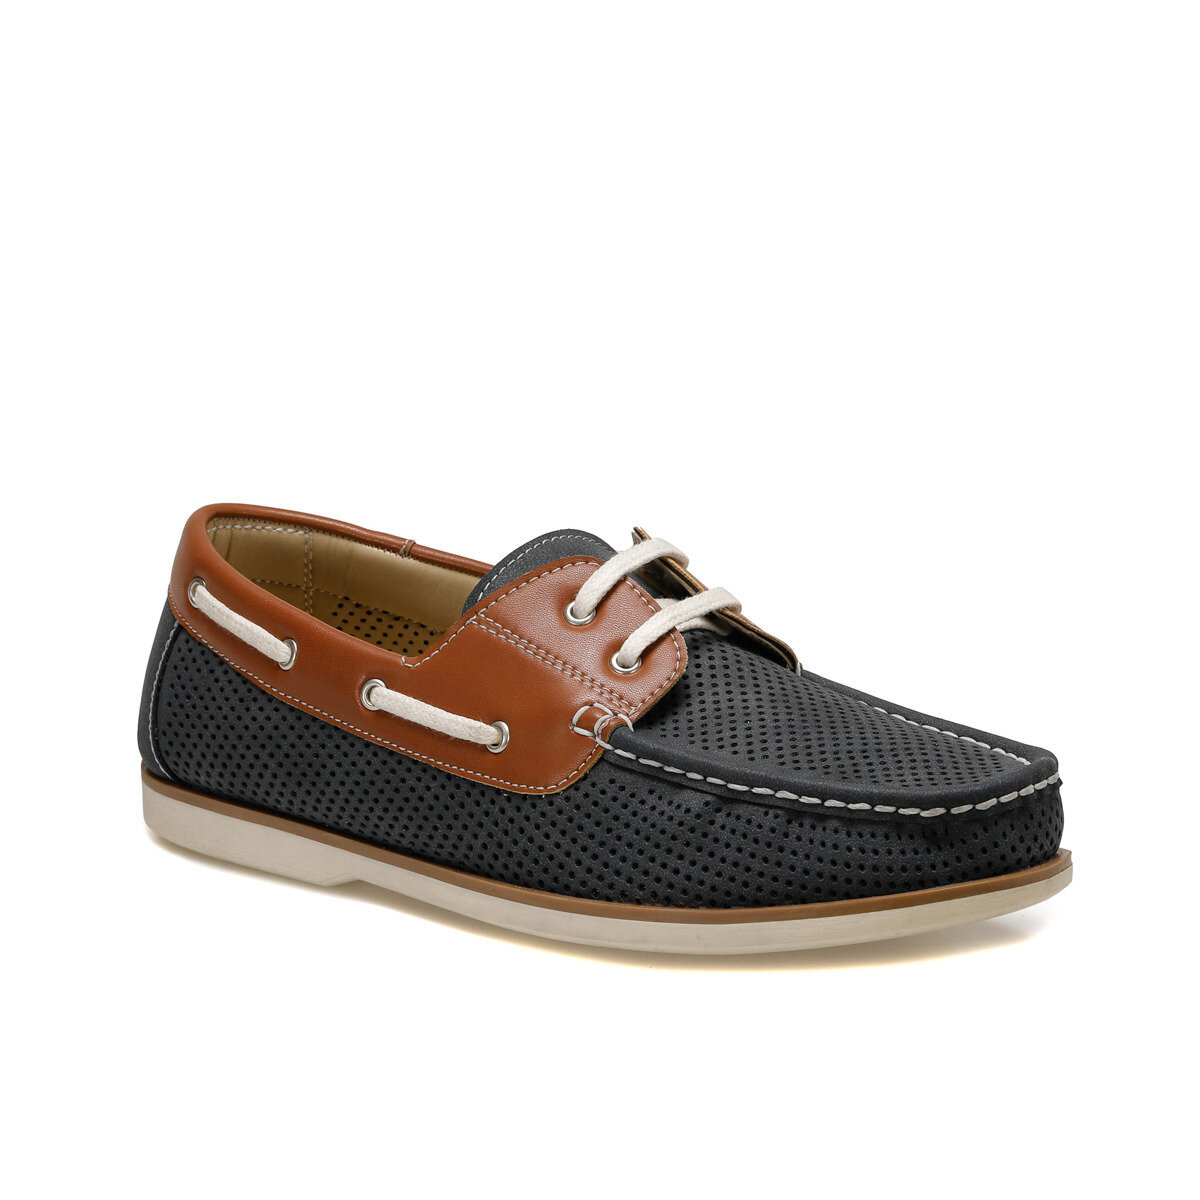 FLO MRB73 Navy Blue Men 'S Shoes Oxide